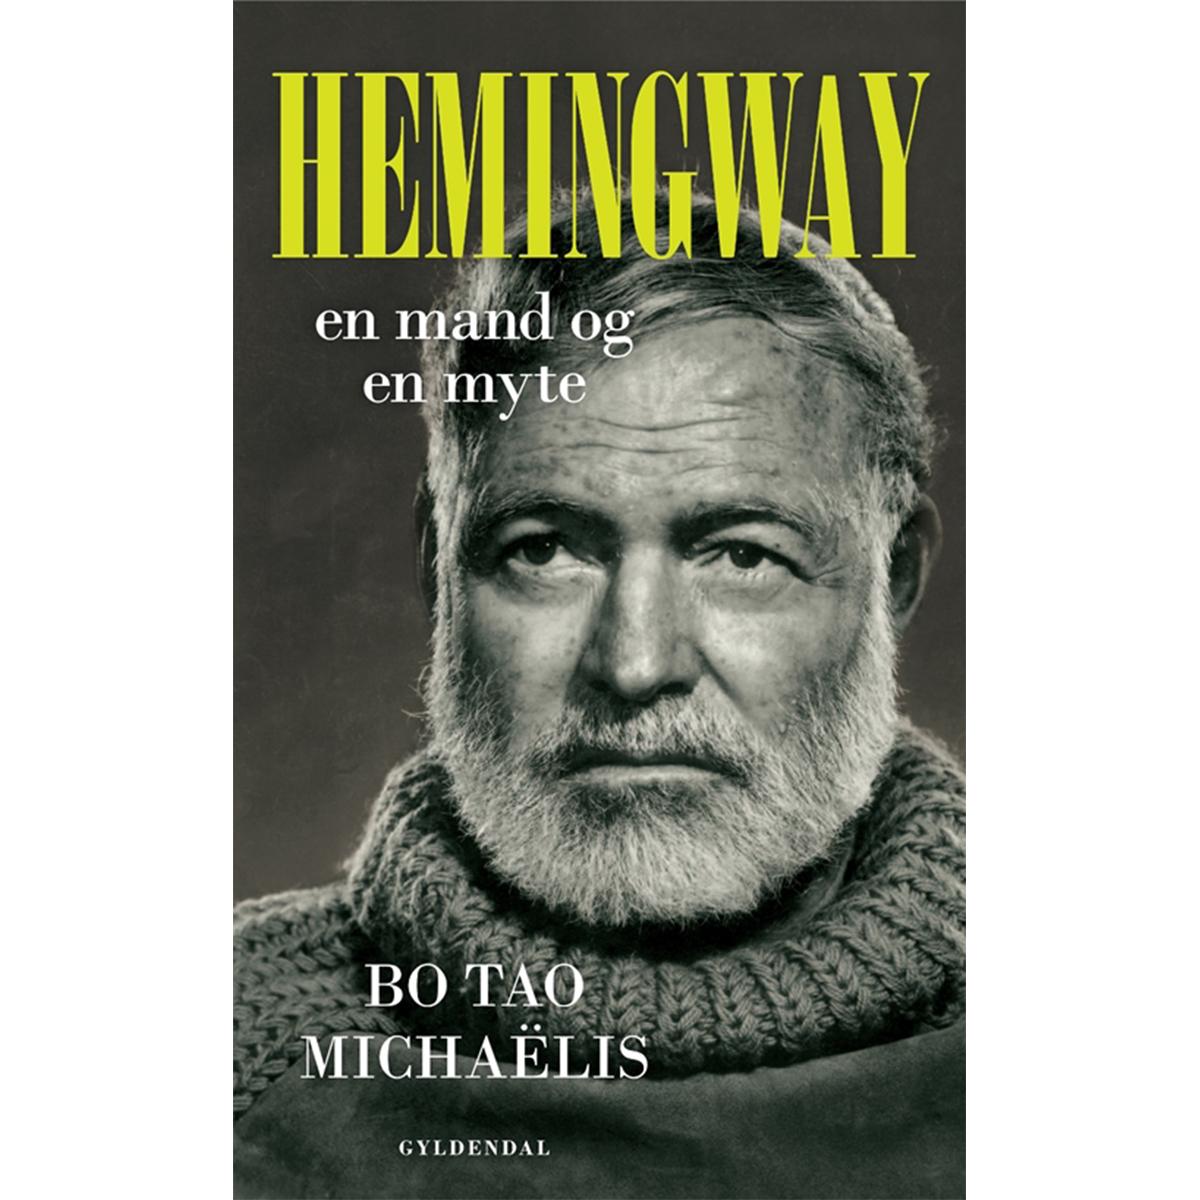 Hemingway - en mand og en myte - Indbundet